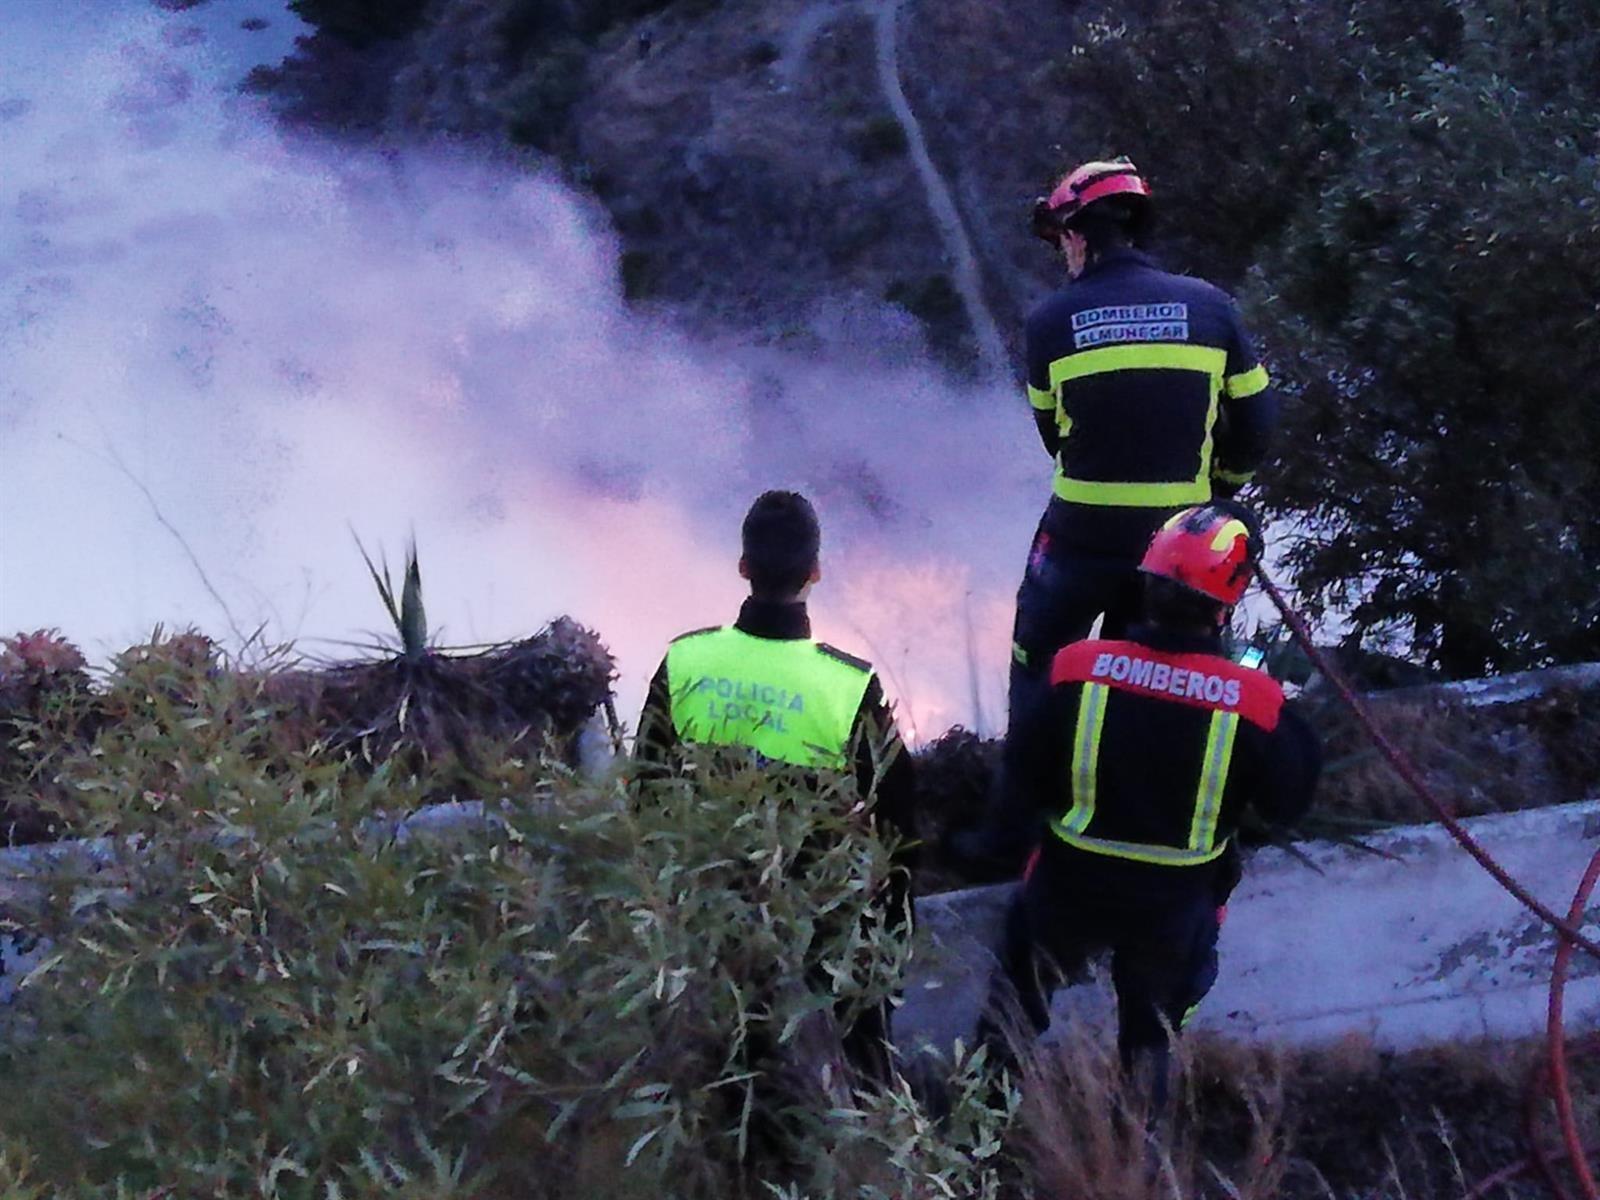 Un incendio de matorrales afecta al entorno de la playa de El Muerto de Almuñecar